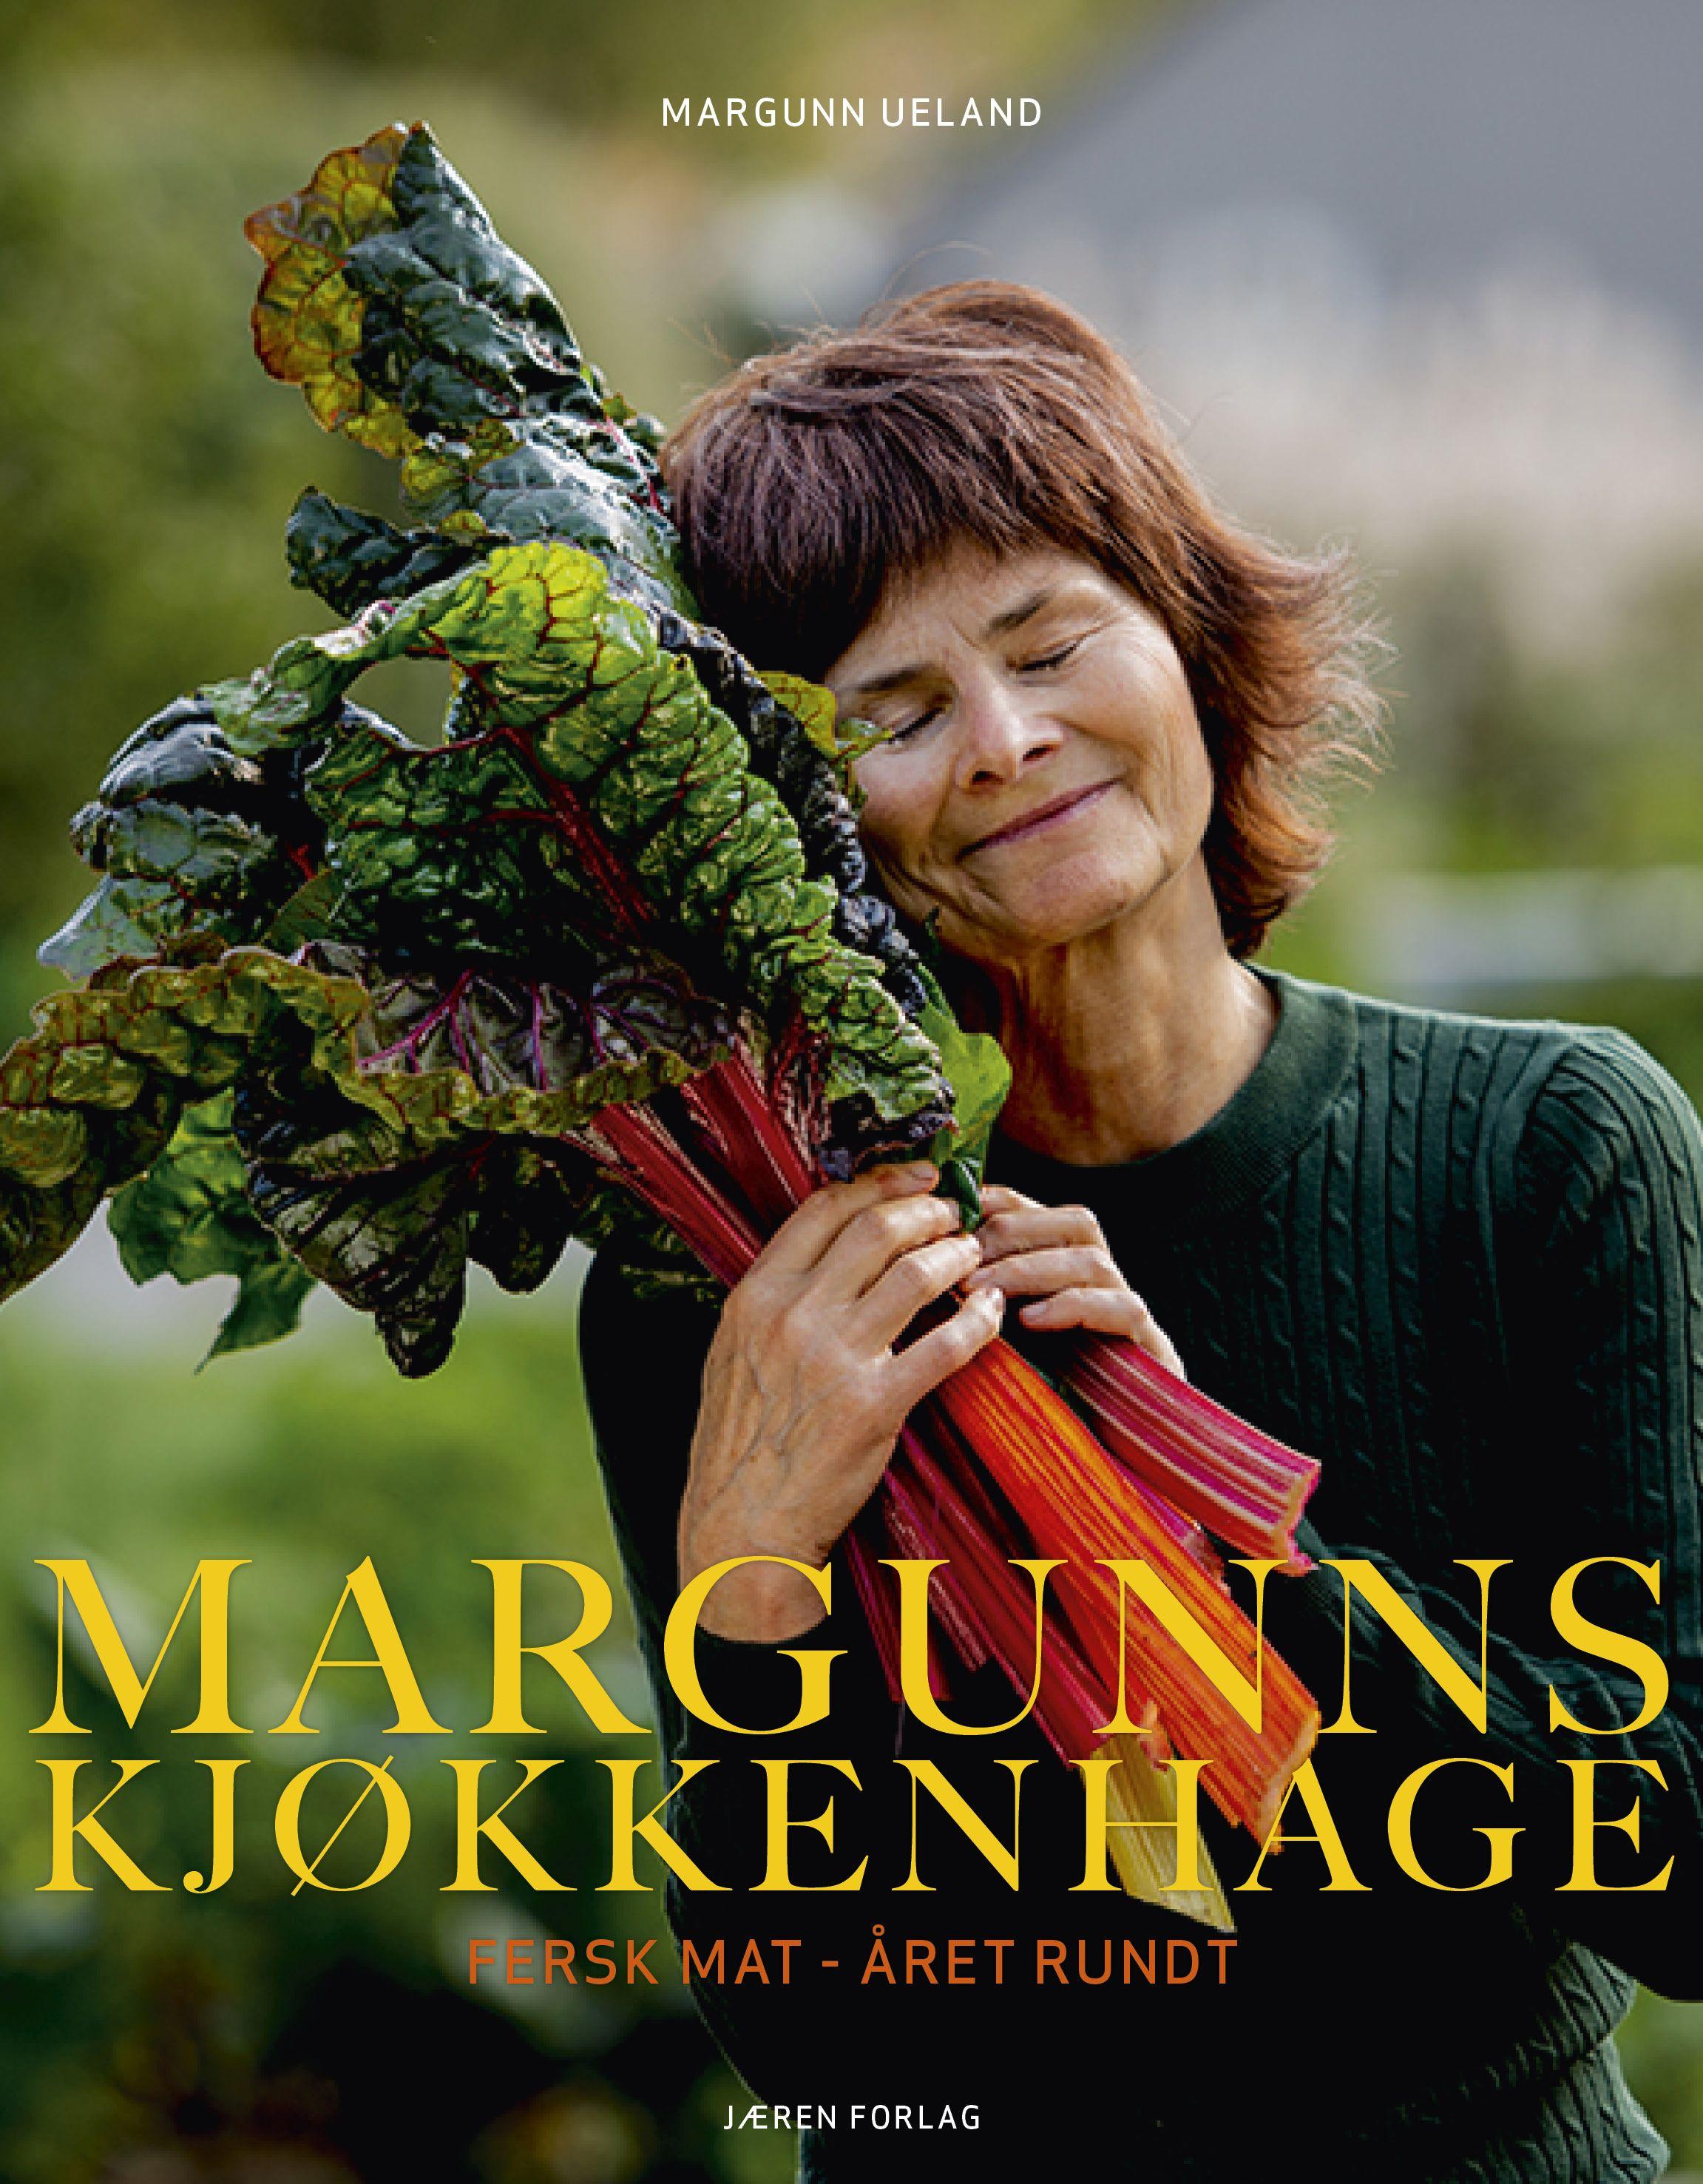 Margunns 10 favoritter | Plukkselv.no - nettbutikk for